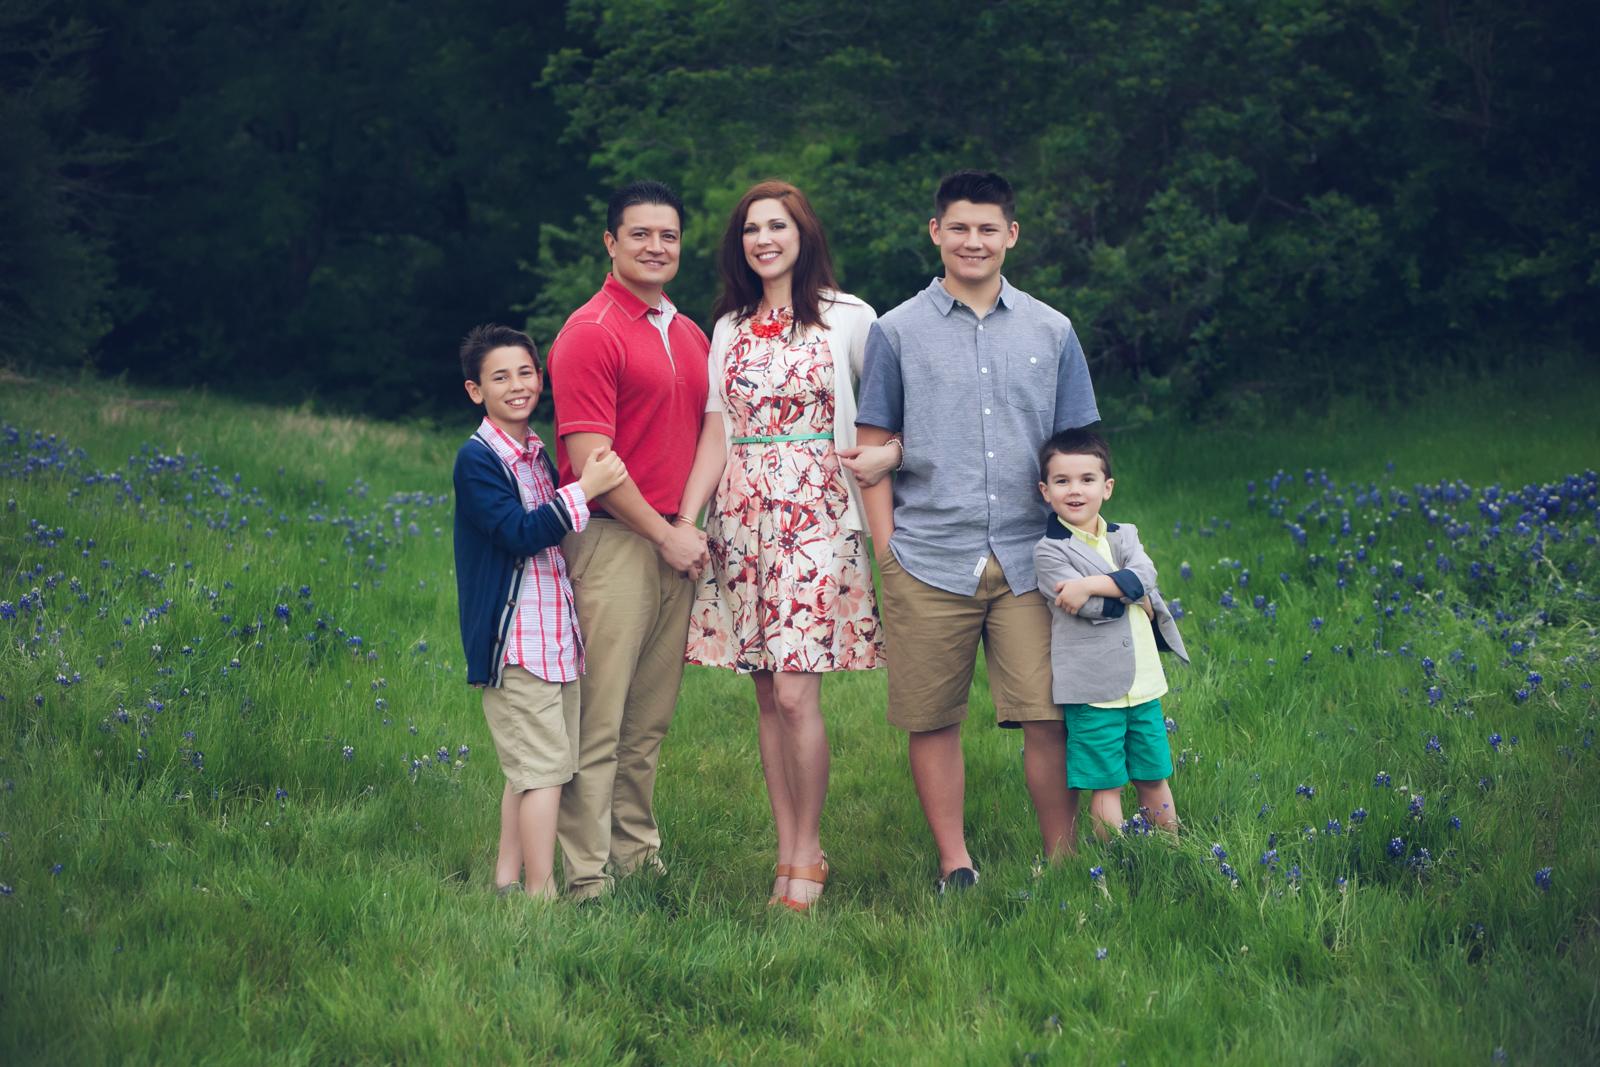 family-outdoors-light-portraits-129.JPG